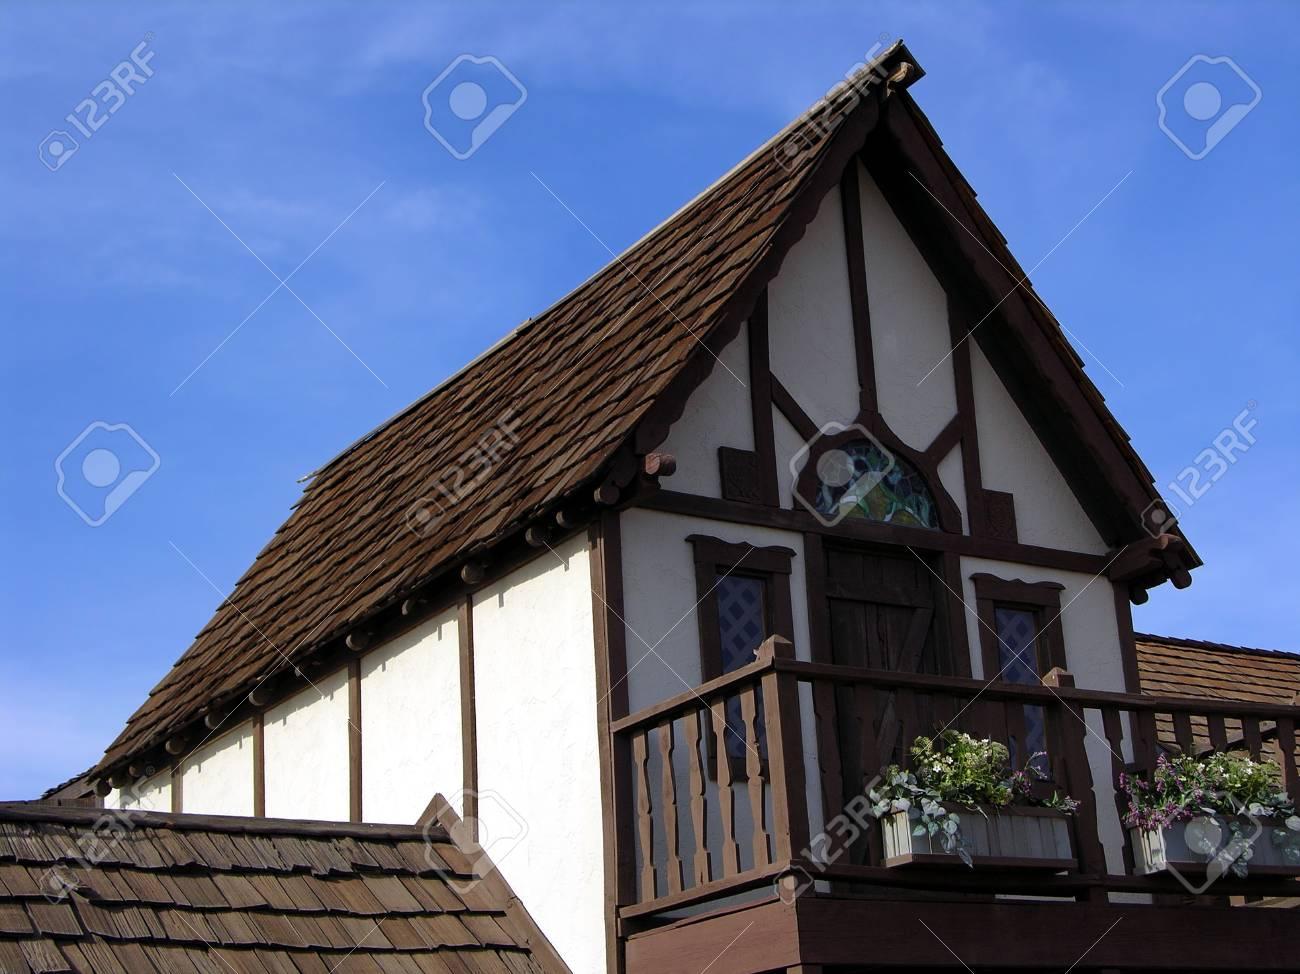 中世家詳細 の写真素材・画像素材 Image 341158.